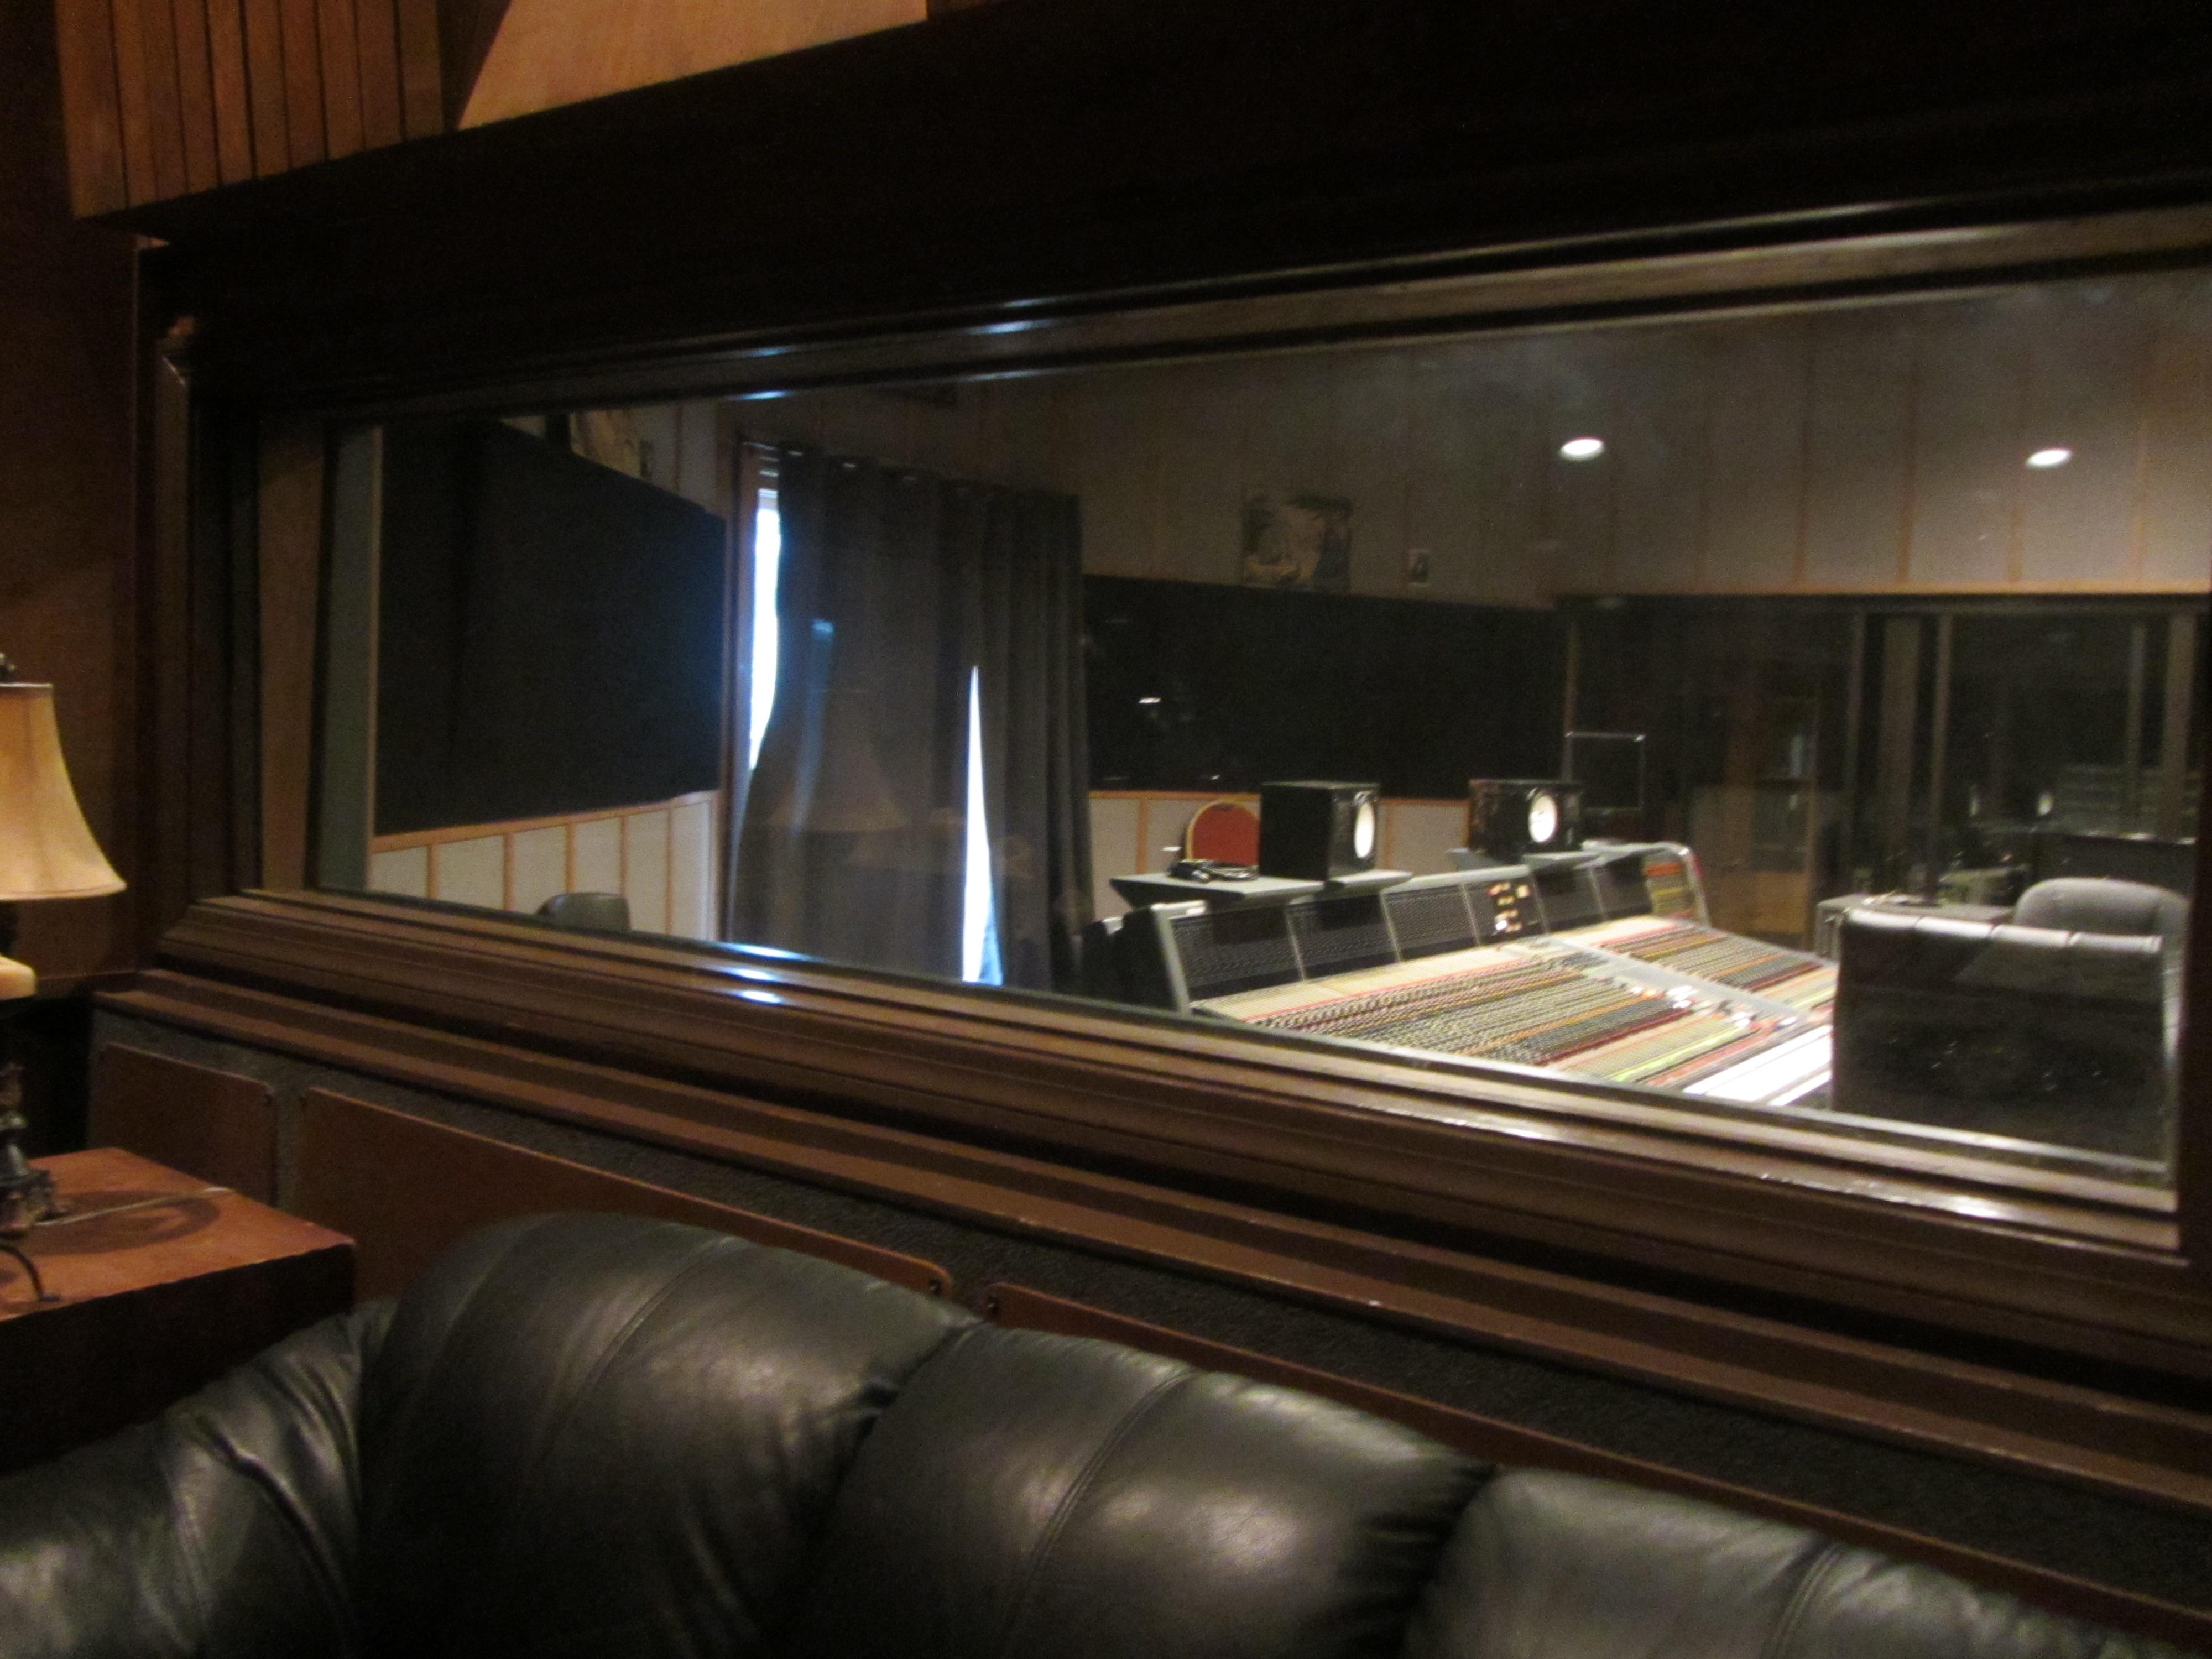 Studio Room For Rent Near Alperton Station